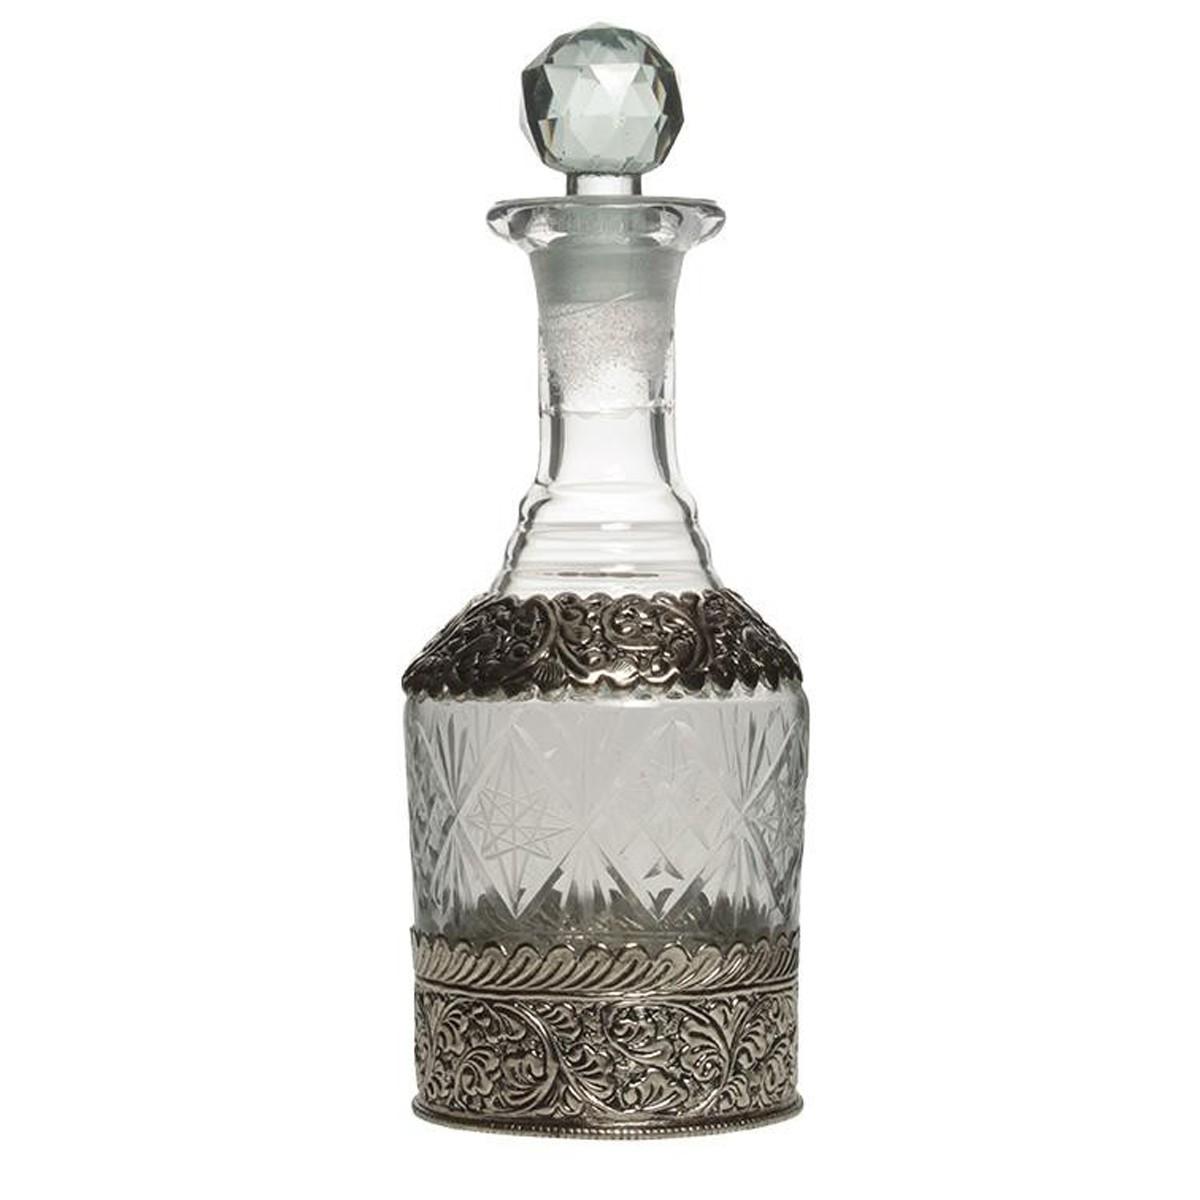 Διακοσμητικό Μπουκάλι InArt 3-70-085-0044 66334